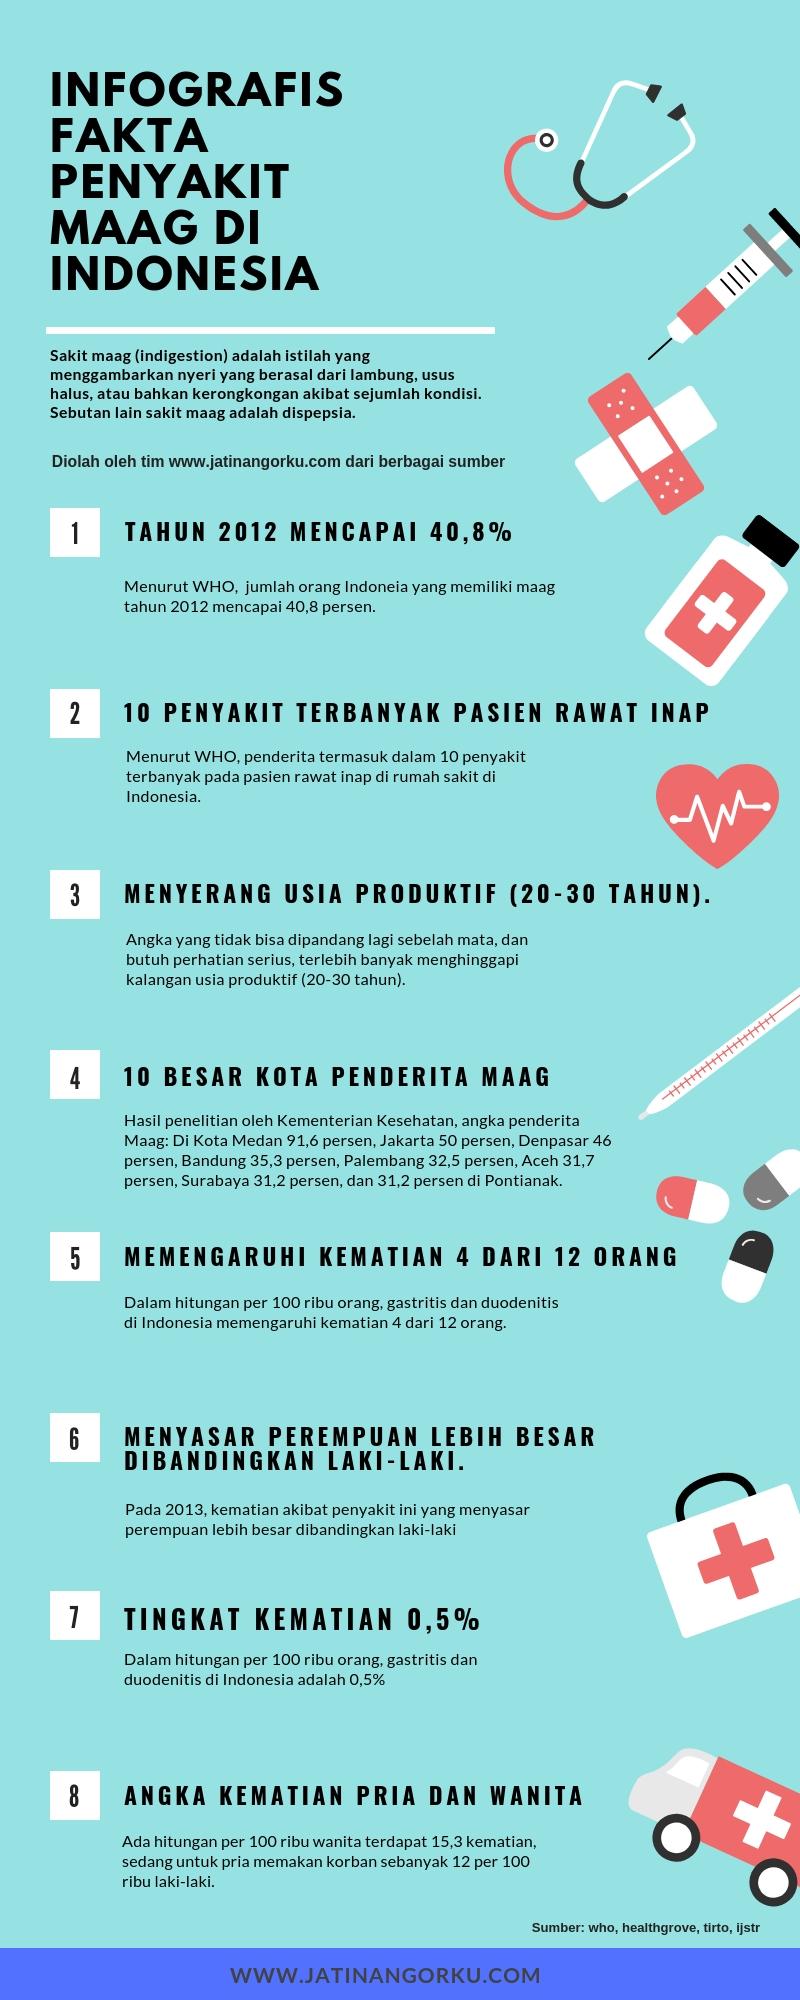 INFOGRAFIS FAKTA PENYAKIT MAAG DI INDONESIA - Ancaman dan Solusi Sakit Maag